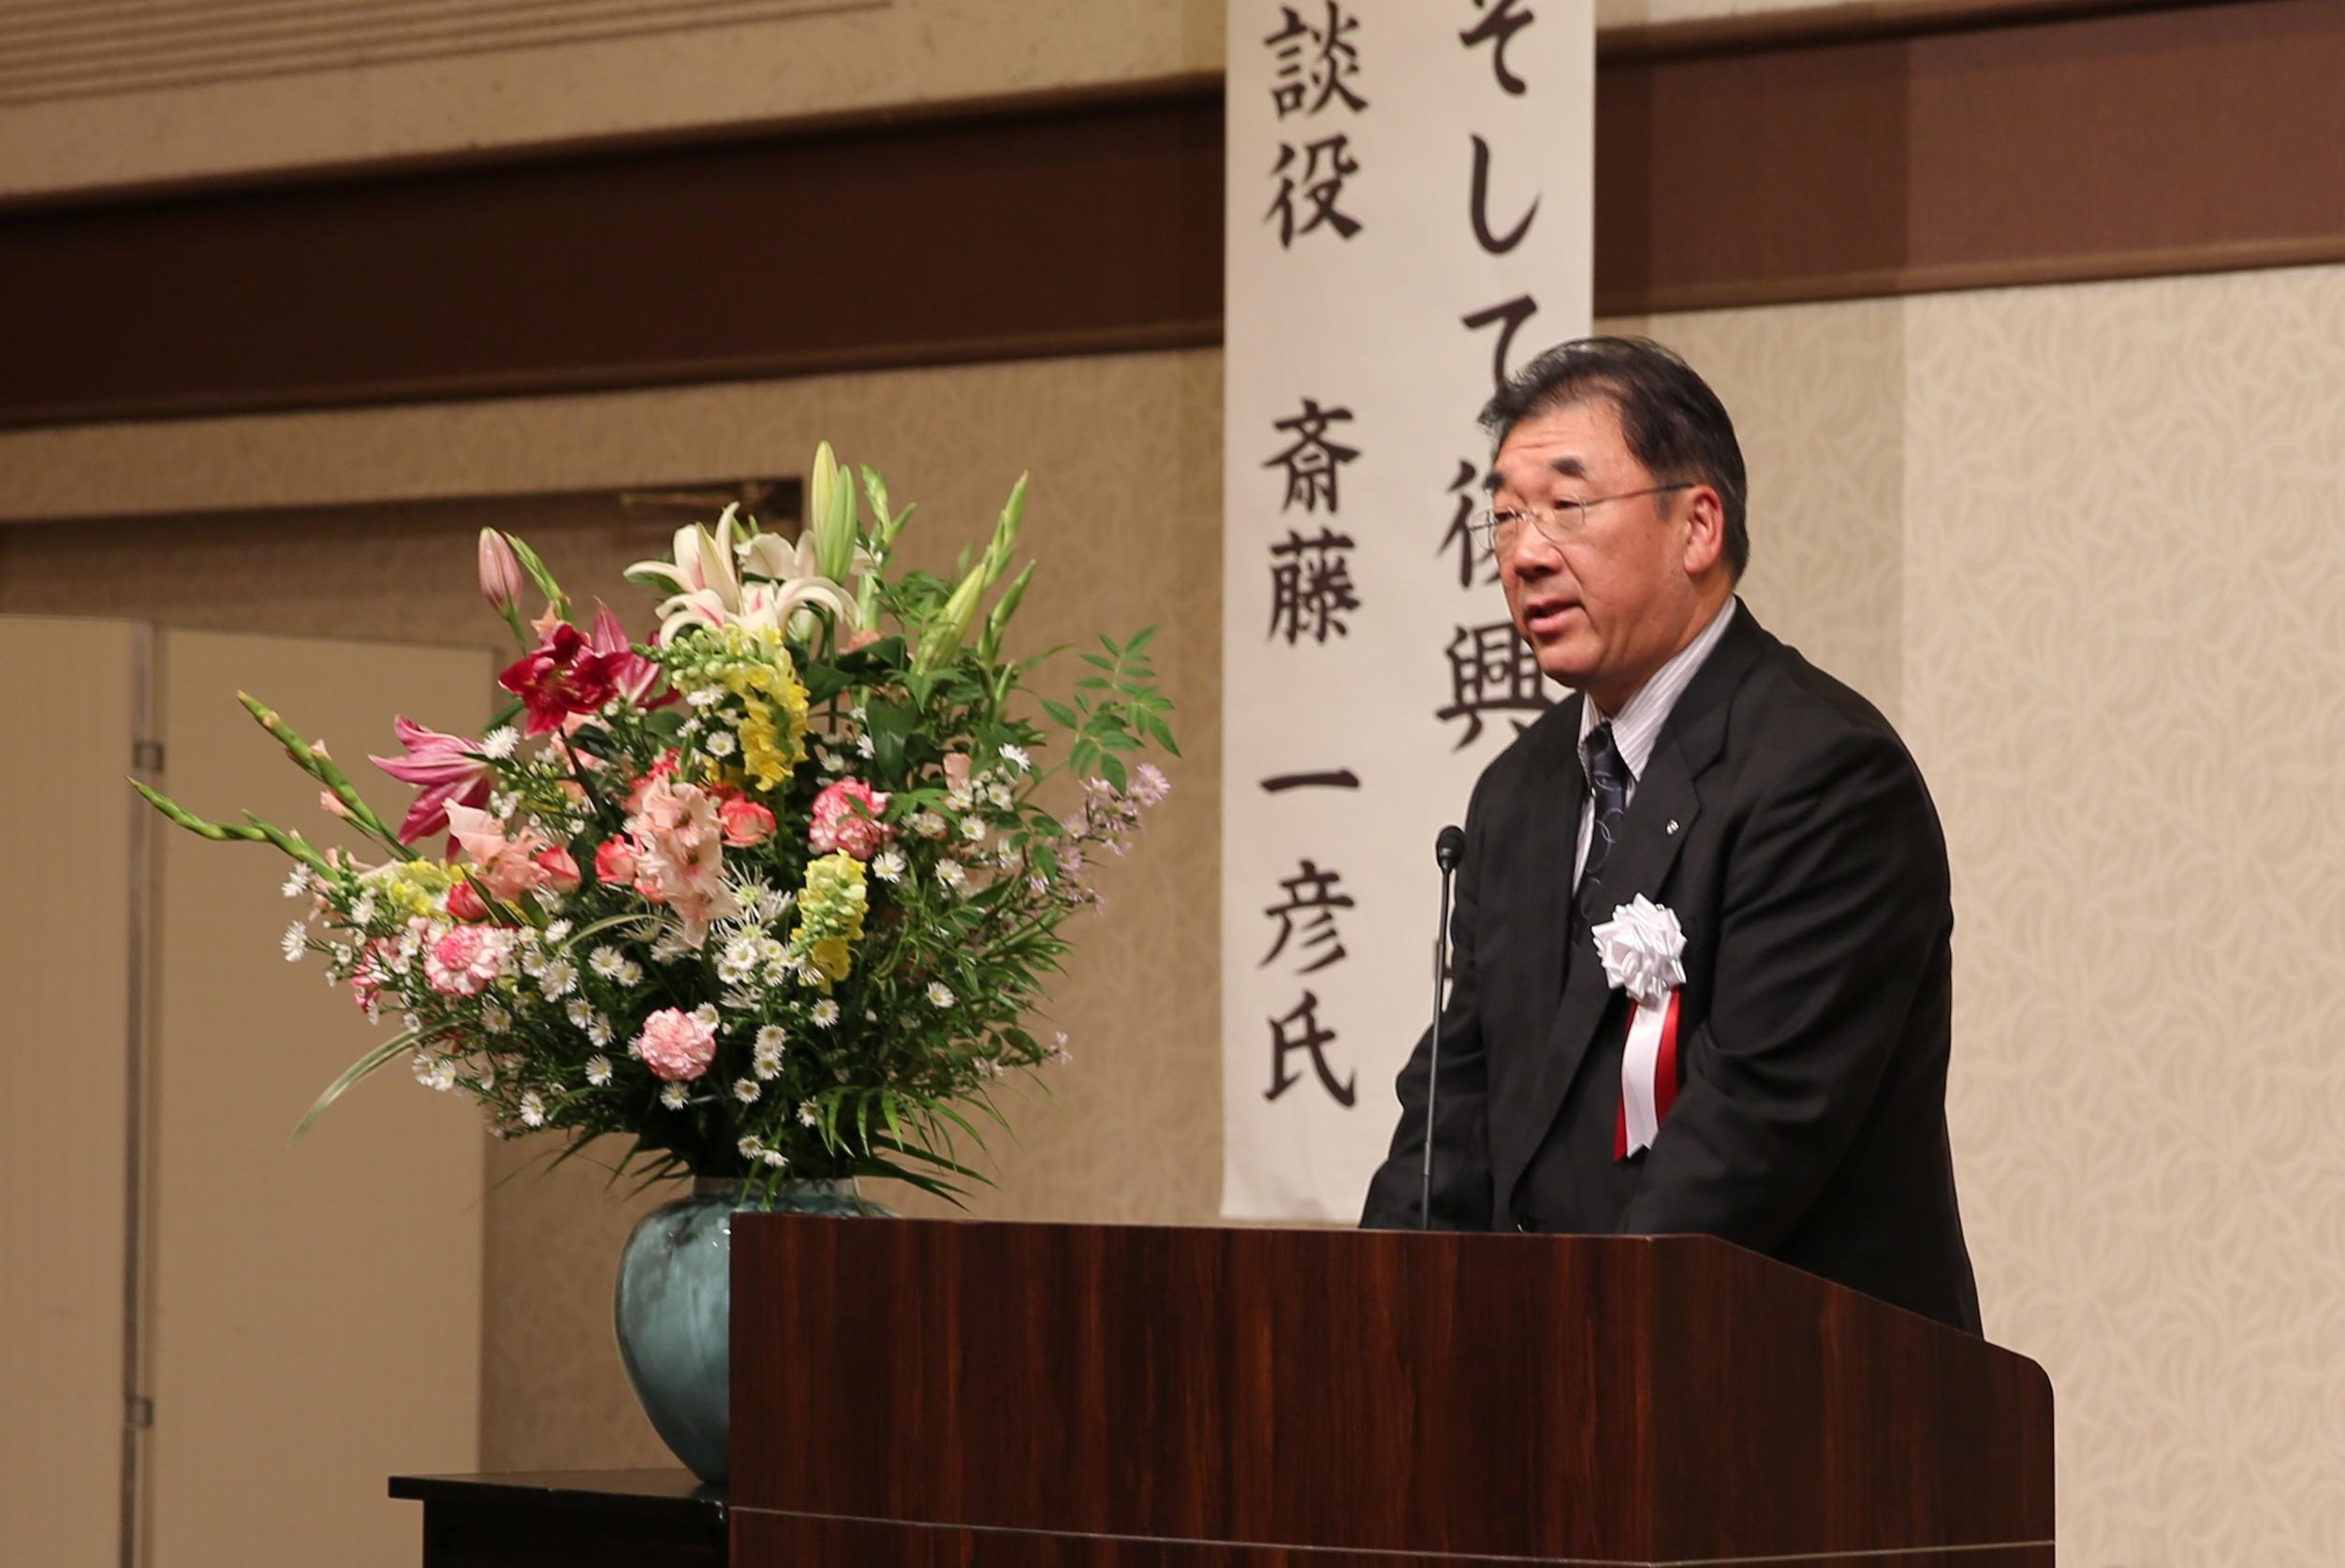 写真(開催県を代表して挨拶する当財団の遠藤理事長)